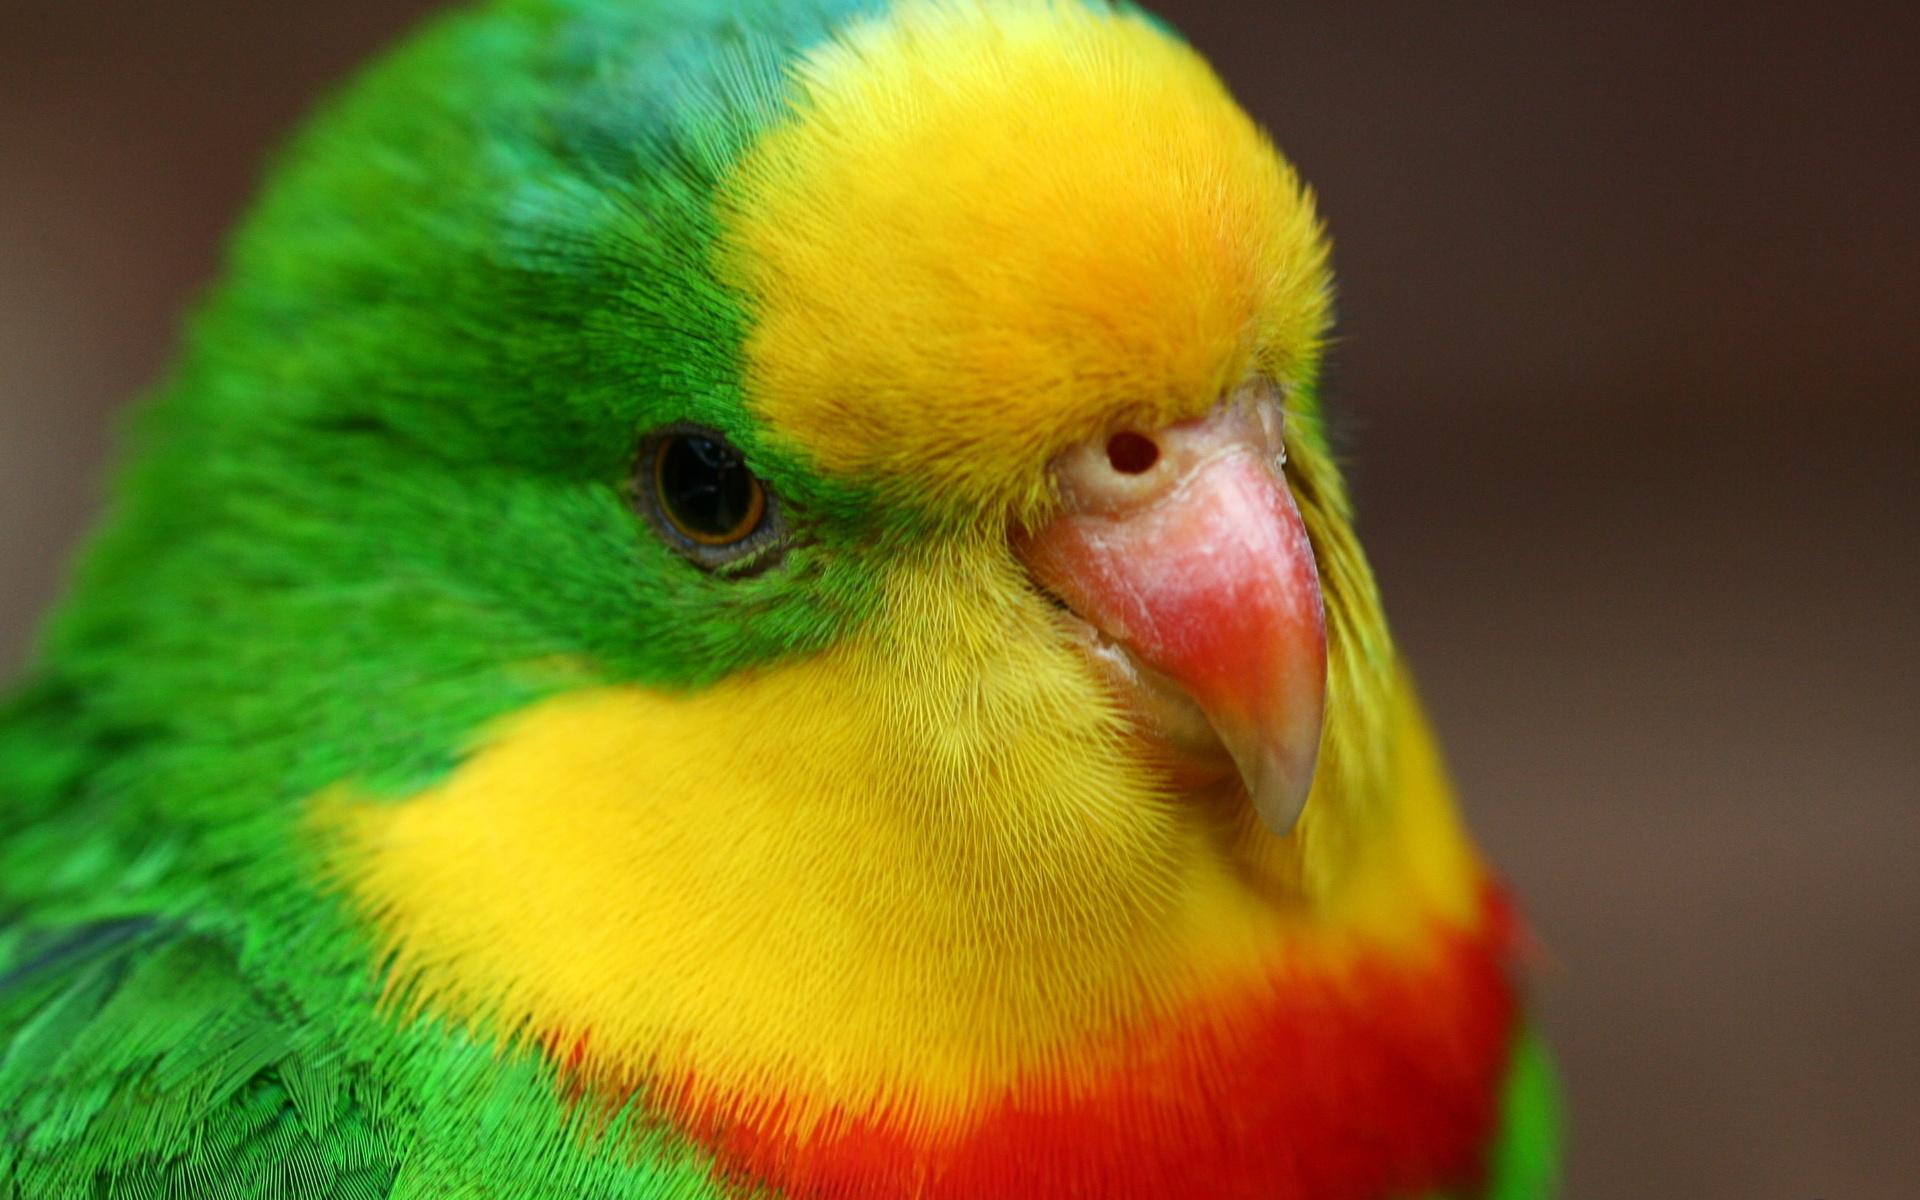 картинки на аву про попугаев приводят